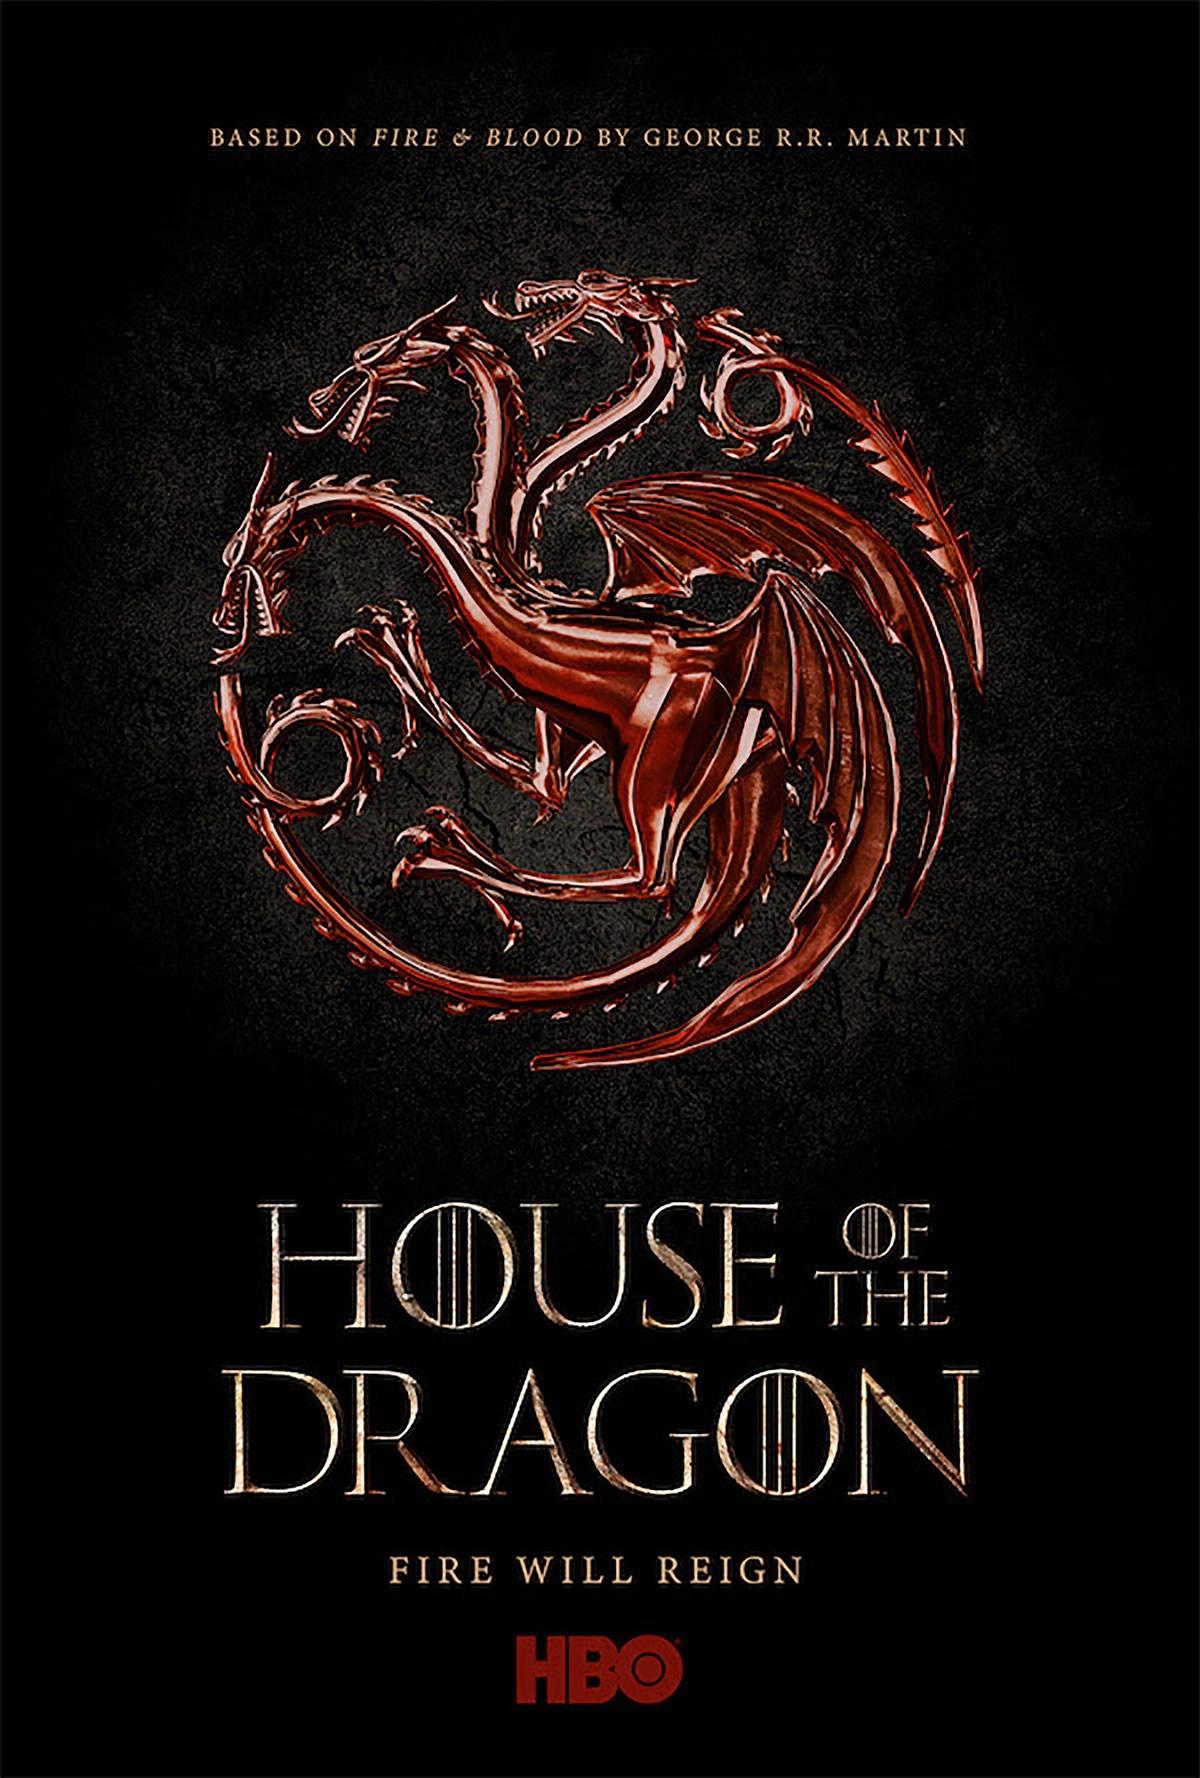 House Of The Dragon   HBO divulga teaser da série que antecede em 200 anos Game of Thrones